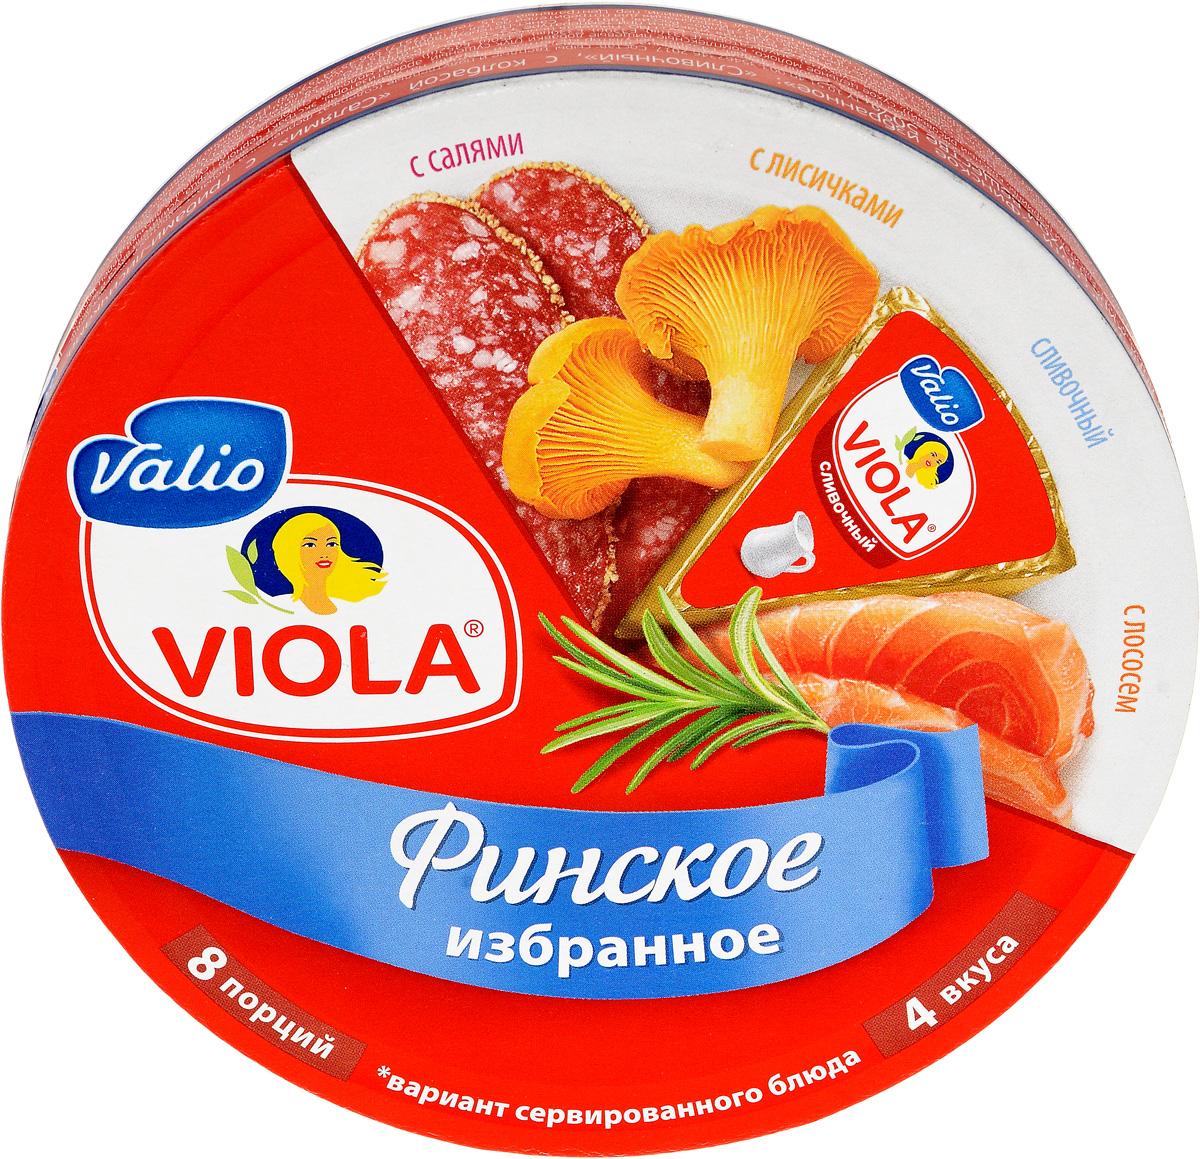 Valio Viola Сыр плавленый Финское избранное, ассорти, 130 г valio viola сыр с лисичками плавленый 400 г